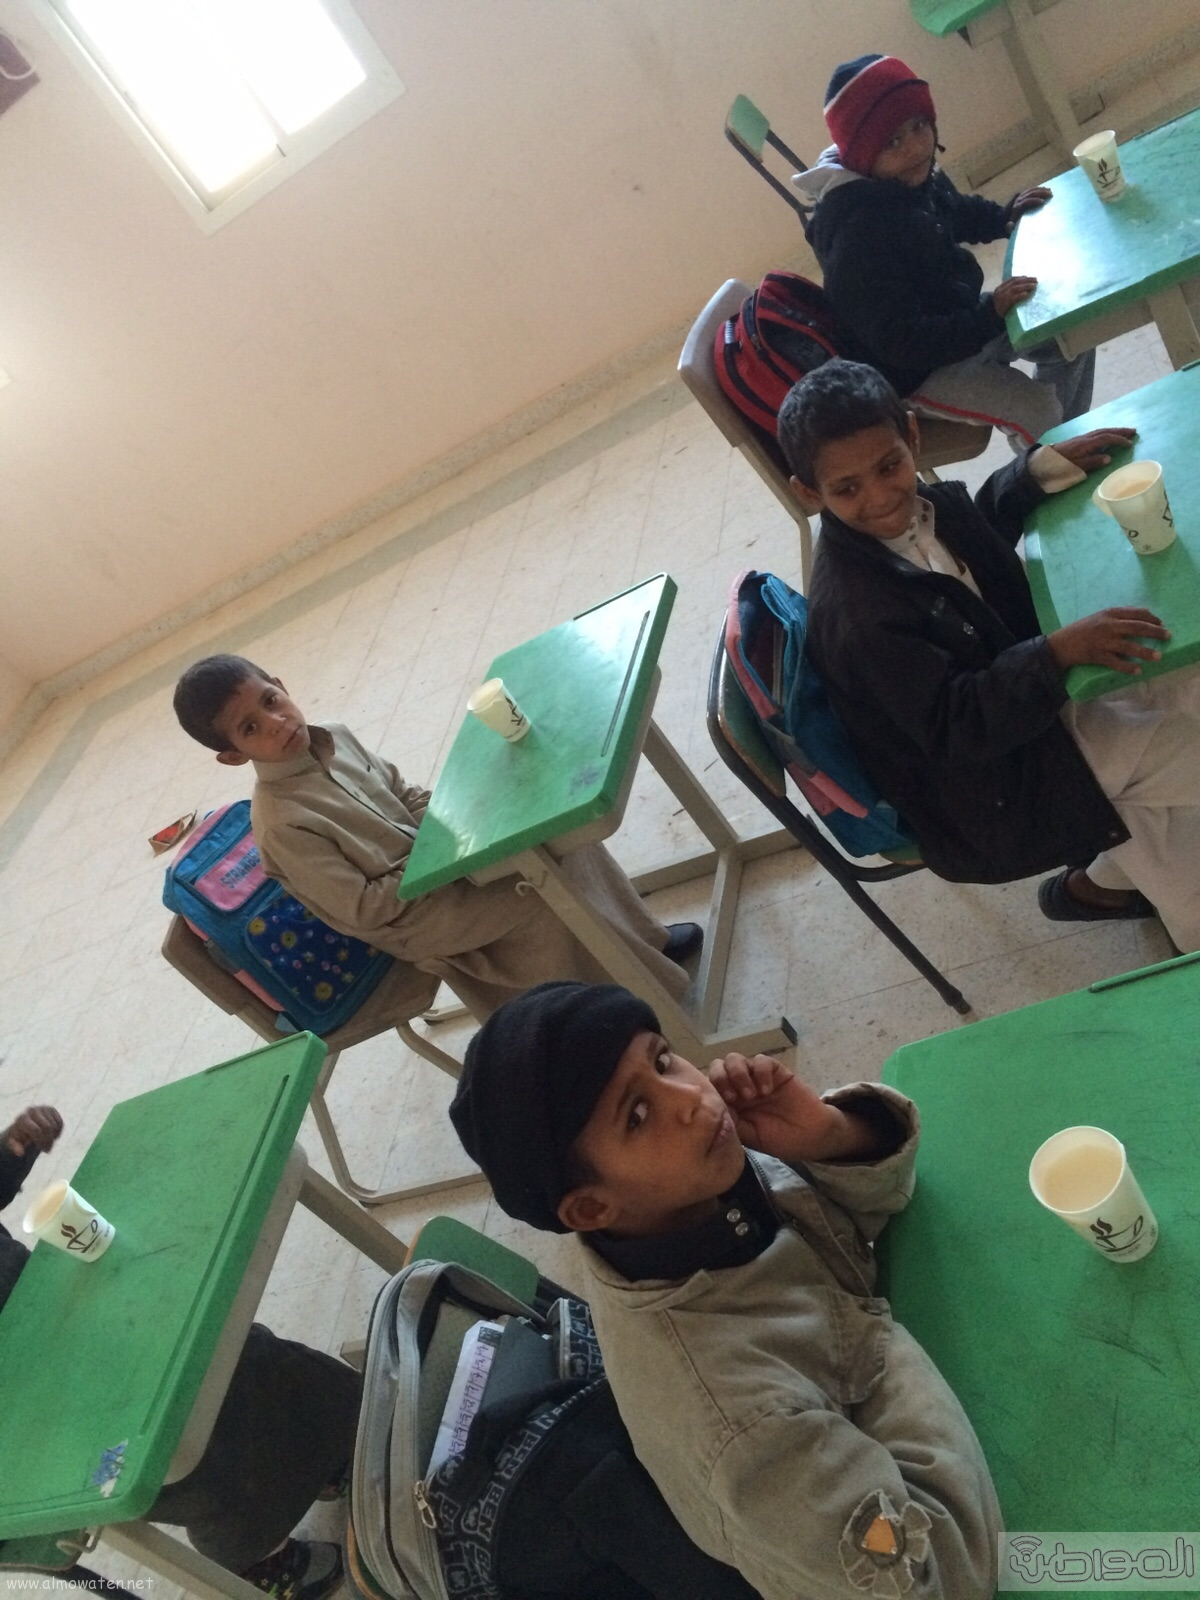 مدير-مدرسة-الشقيق-بالجو-يقدم-الحليب-لتدفئة-الطلاب (1)